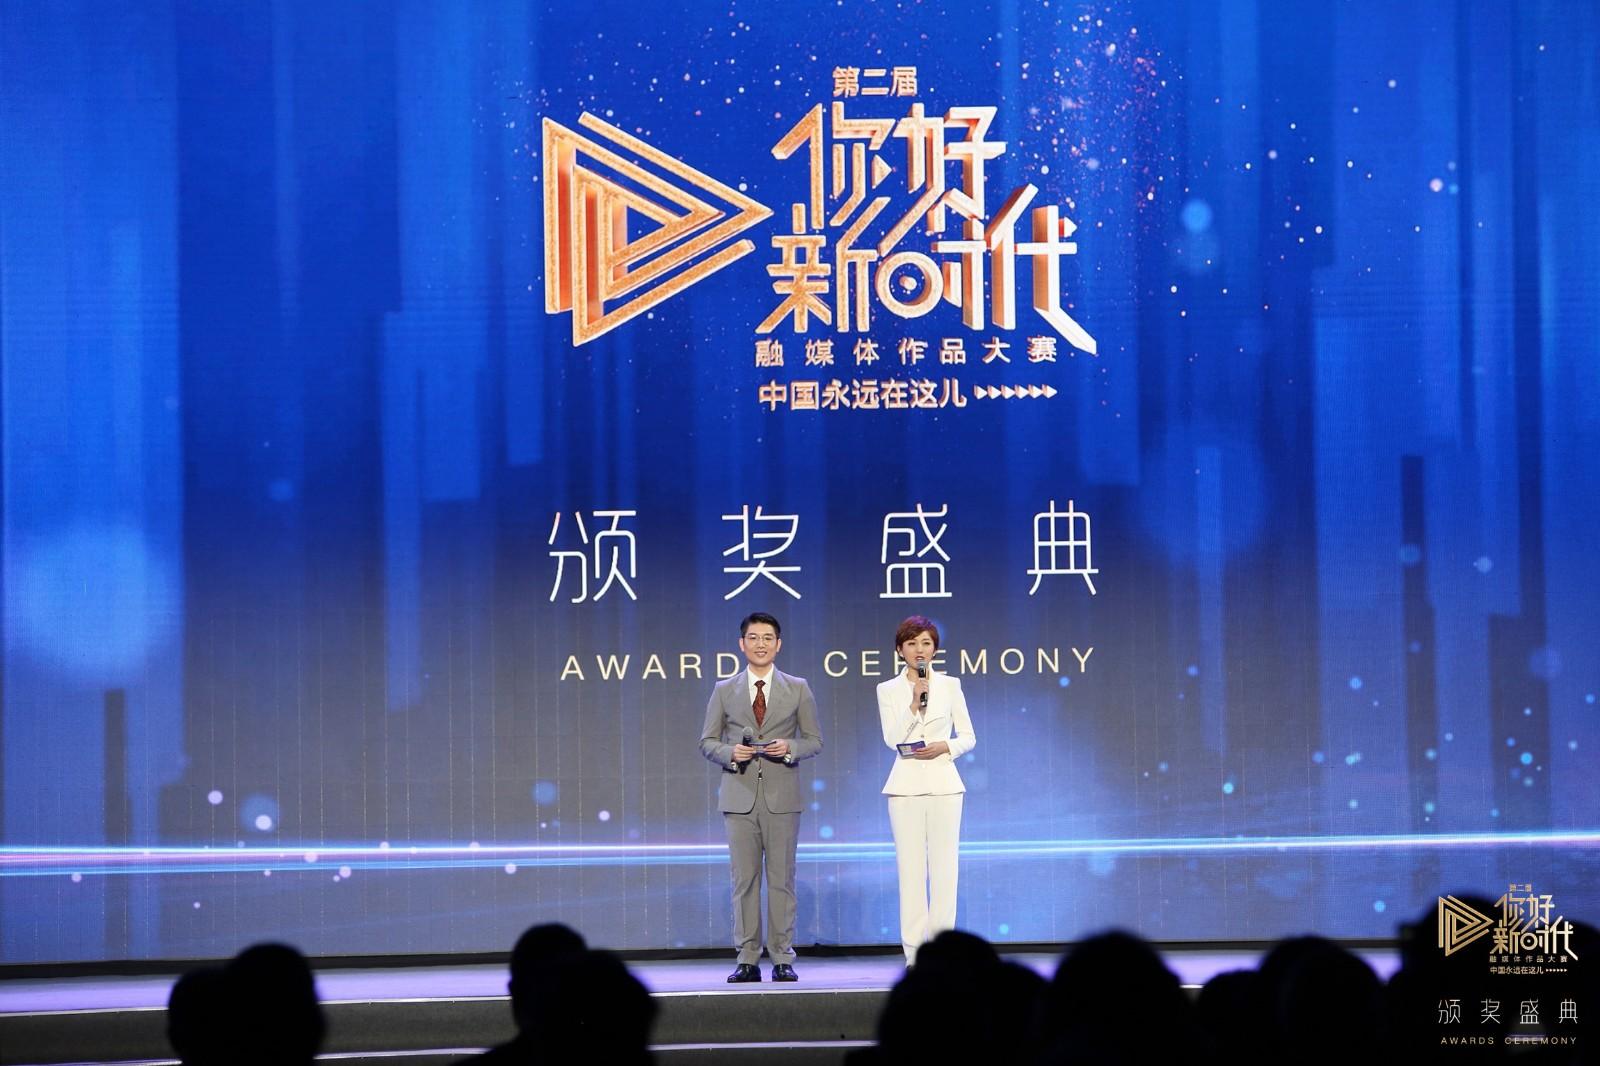 """第二届""""你好新时代""""融媒体作品大赛颁奖盛典在广州举行"""